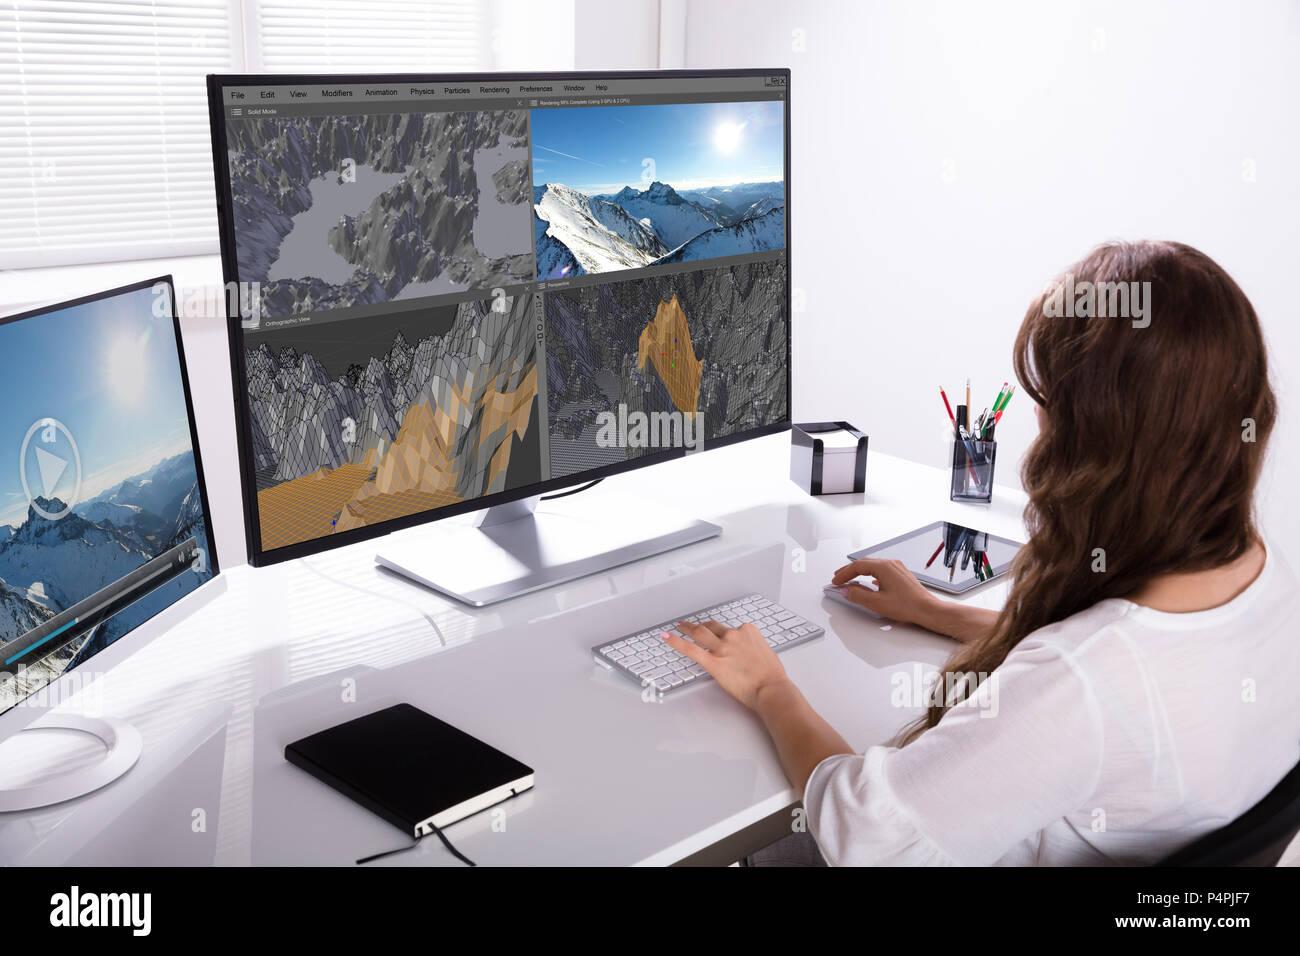 Vista trasera de una mujer trabajando en paisaje 3D en el equipo de Office Imagen De Stock